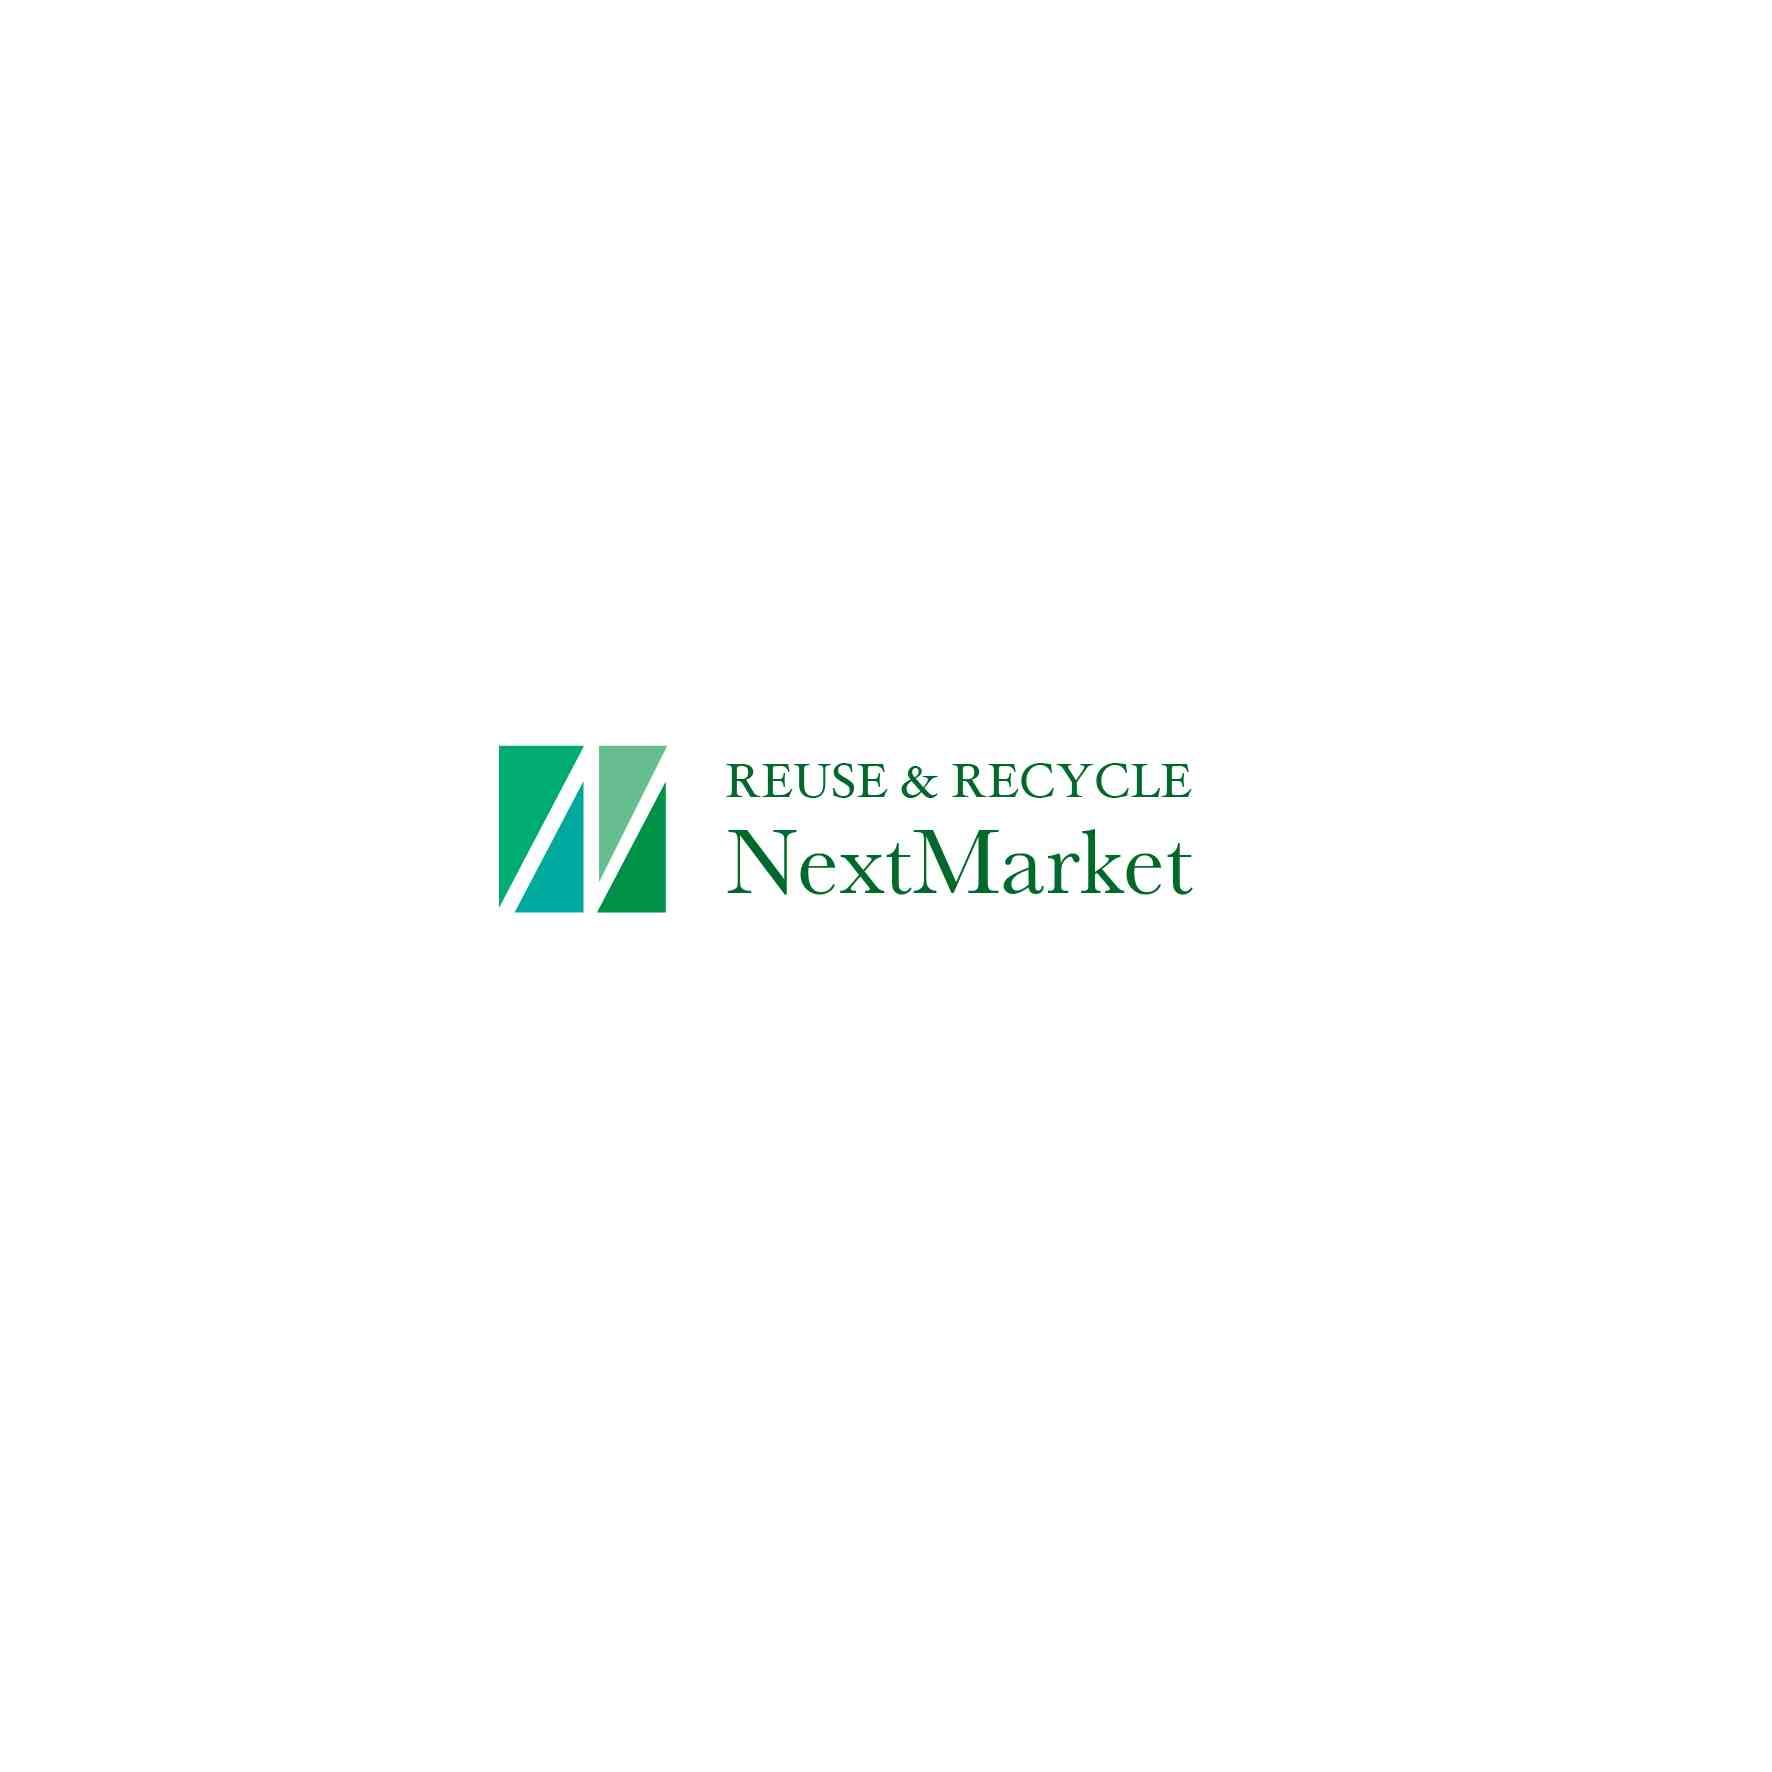 NextMarket